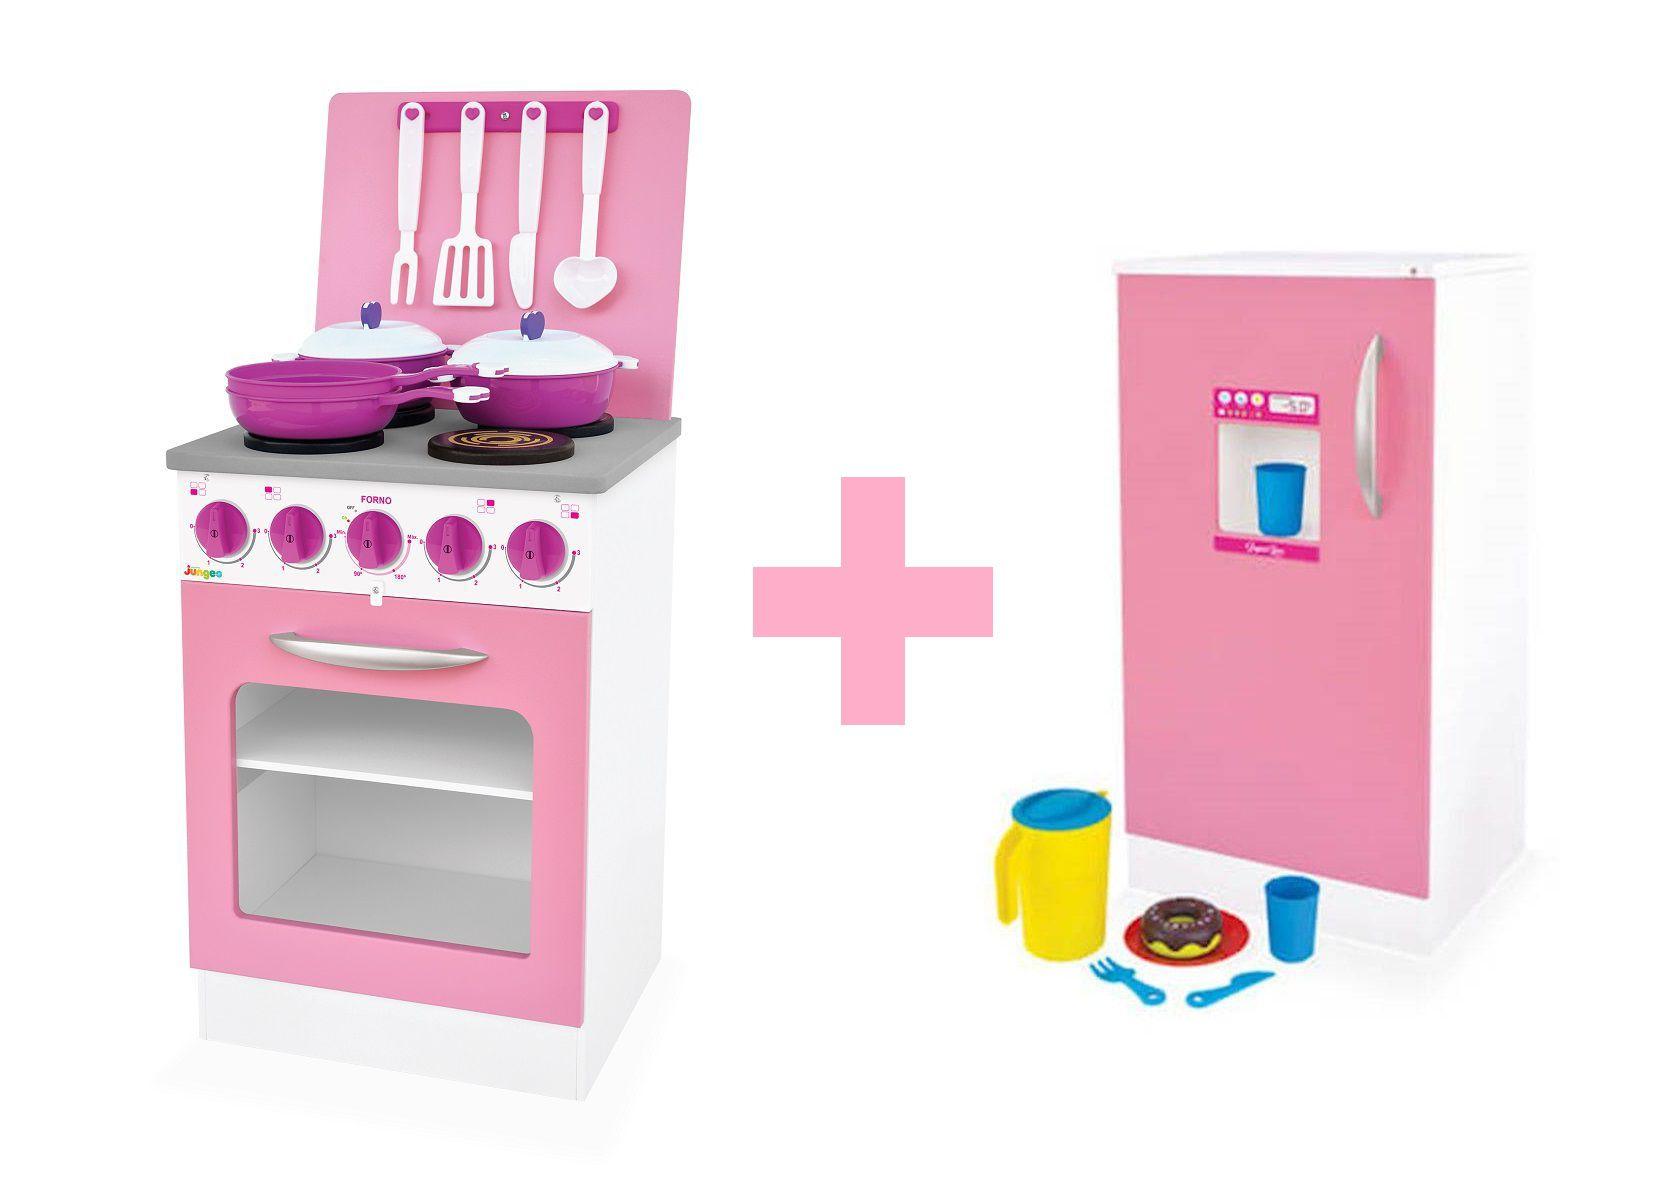 Kit Fogão e Geladeira de Brinquedo Rosa MDF Junges